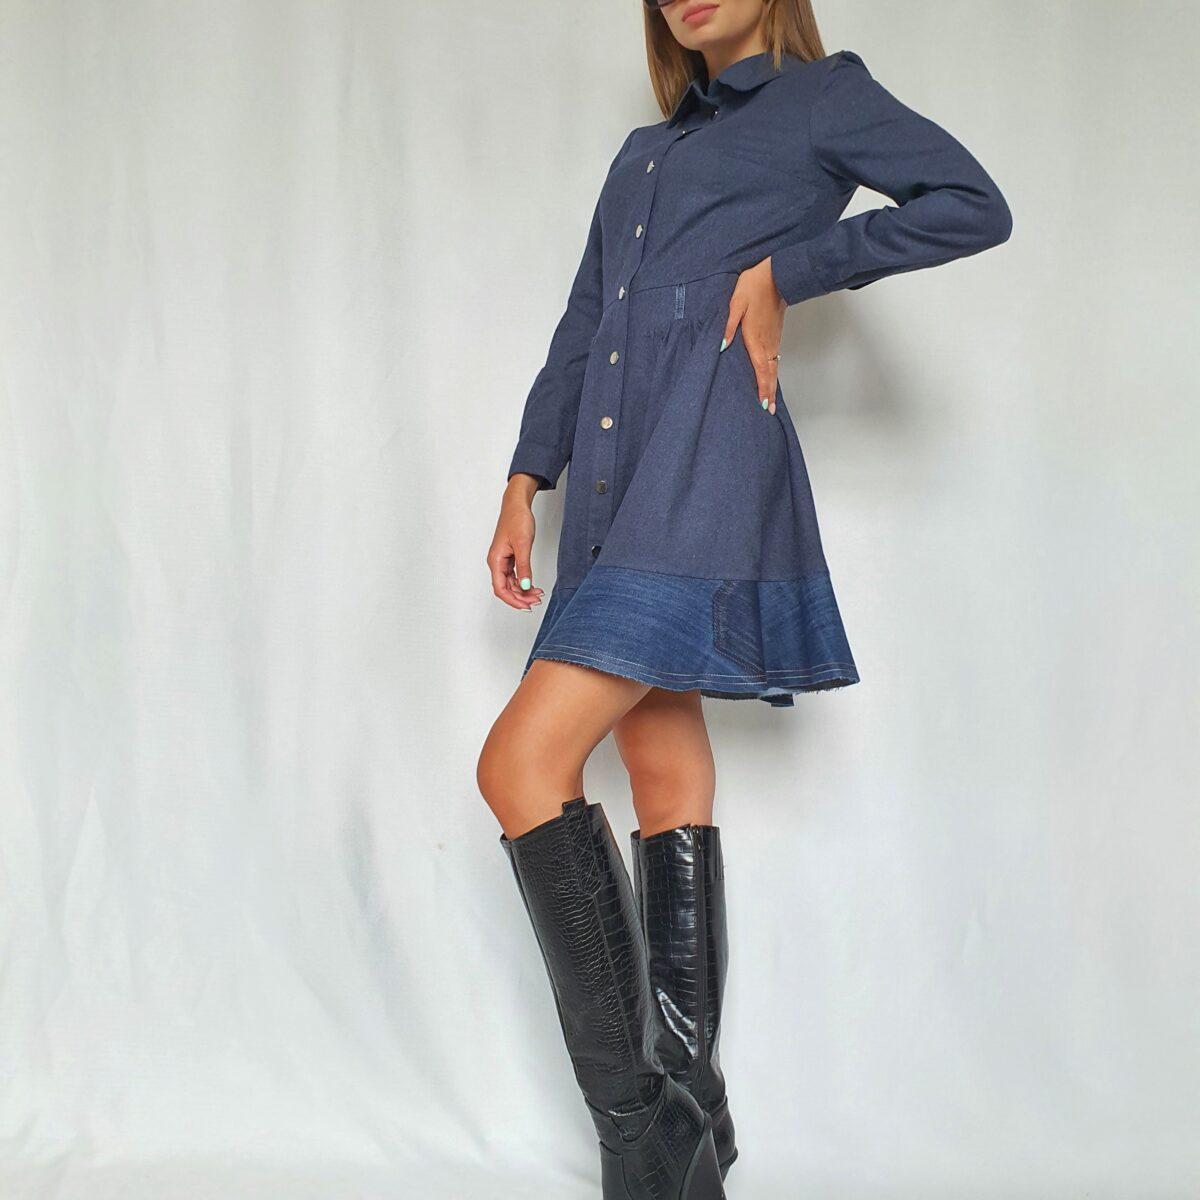 ❤ Платье-рубашка мини с отделкой из винтажного денима.